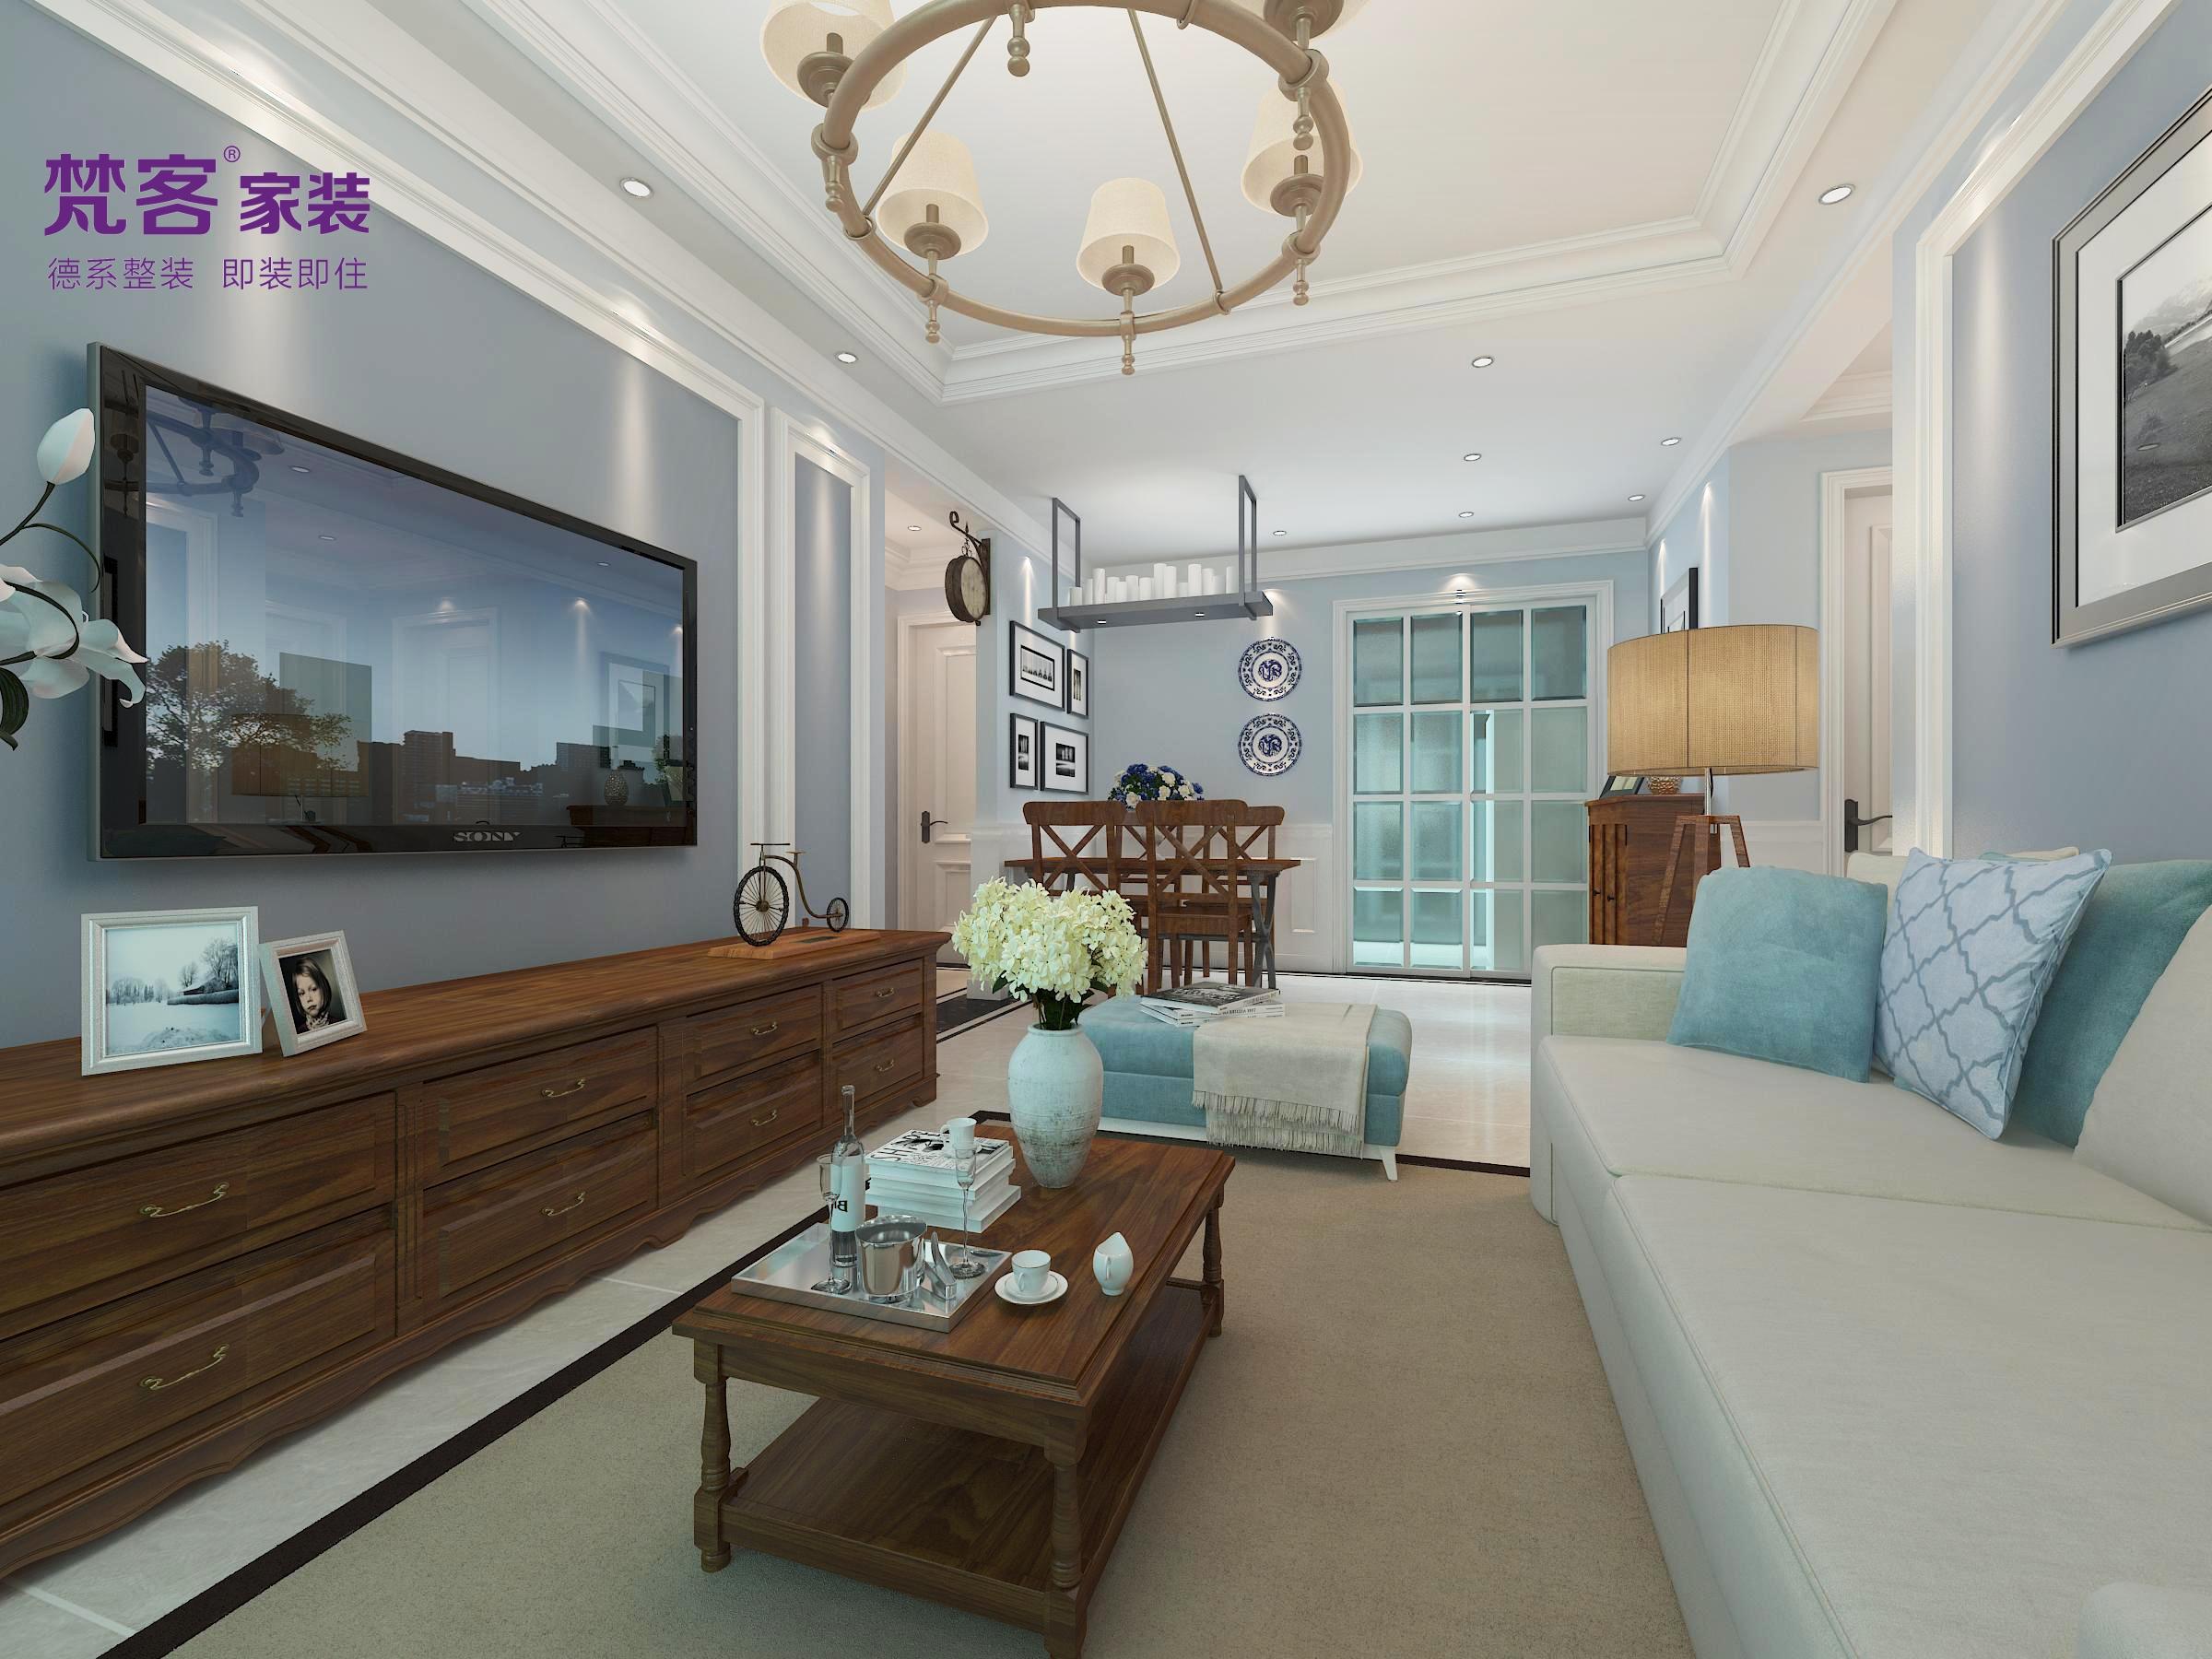 简约 欧式 三居 客厅图片来自乐粉_20180315102349513在雅境新风尚的分享